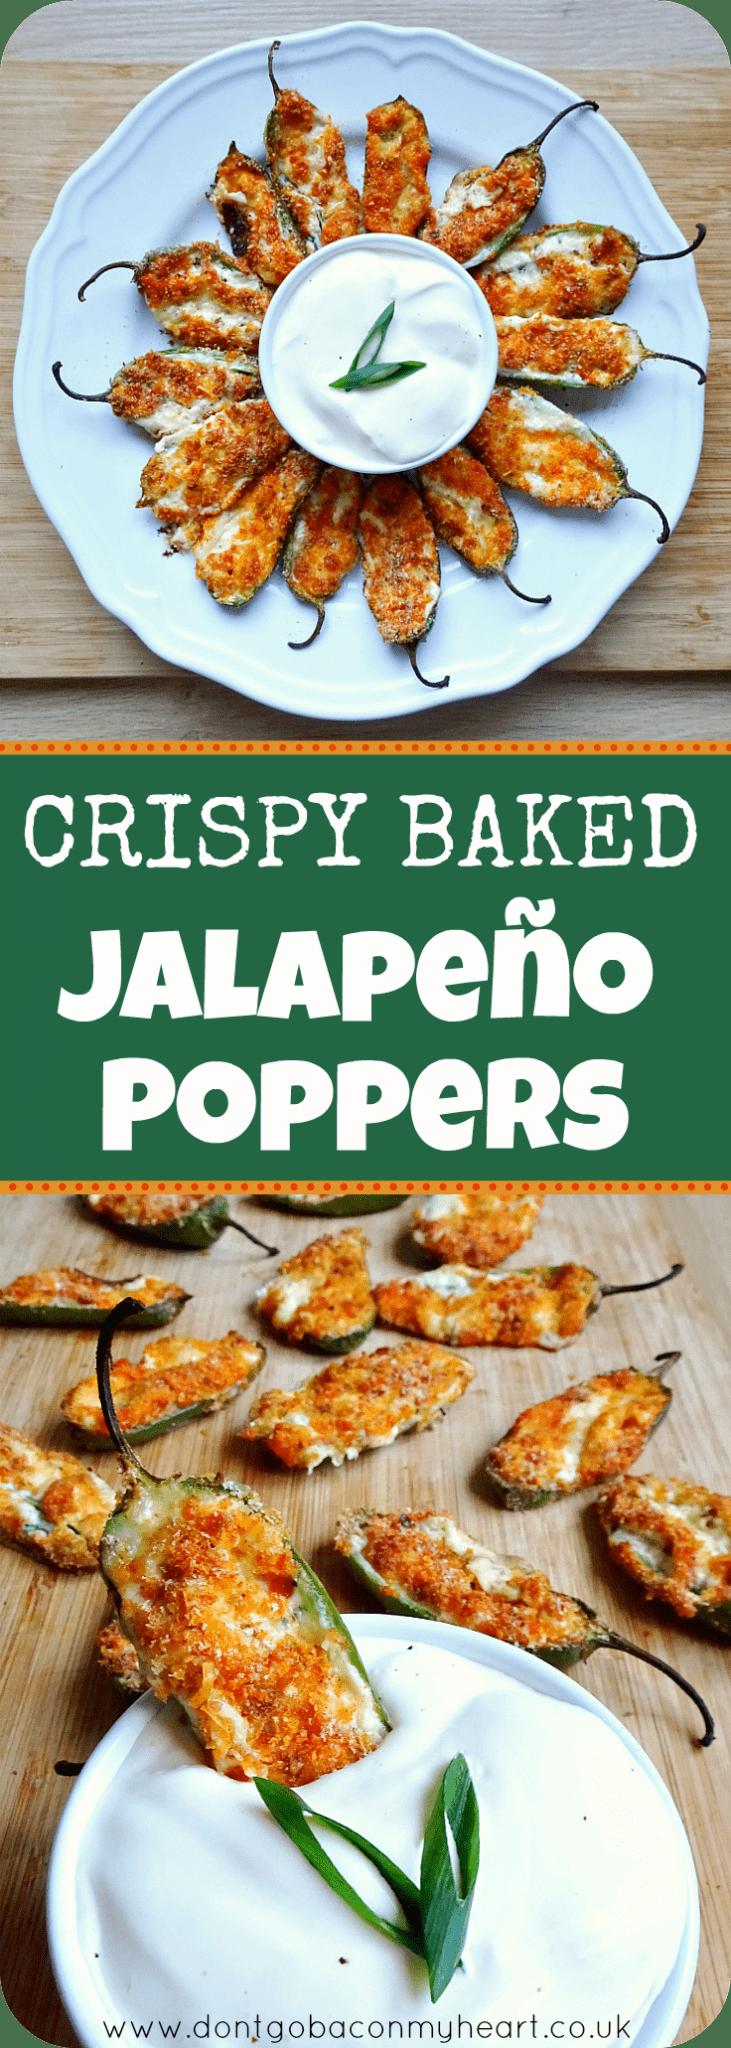 Crispy Baked Jalapeno Poppers